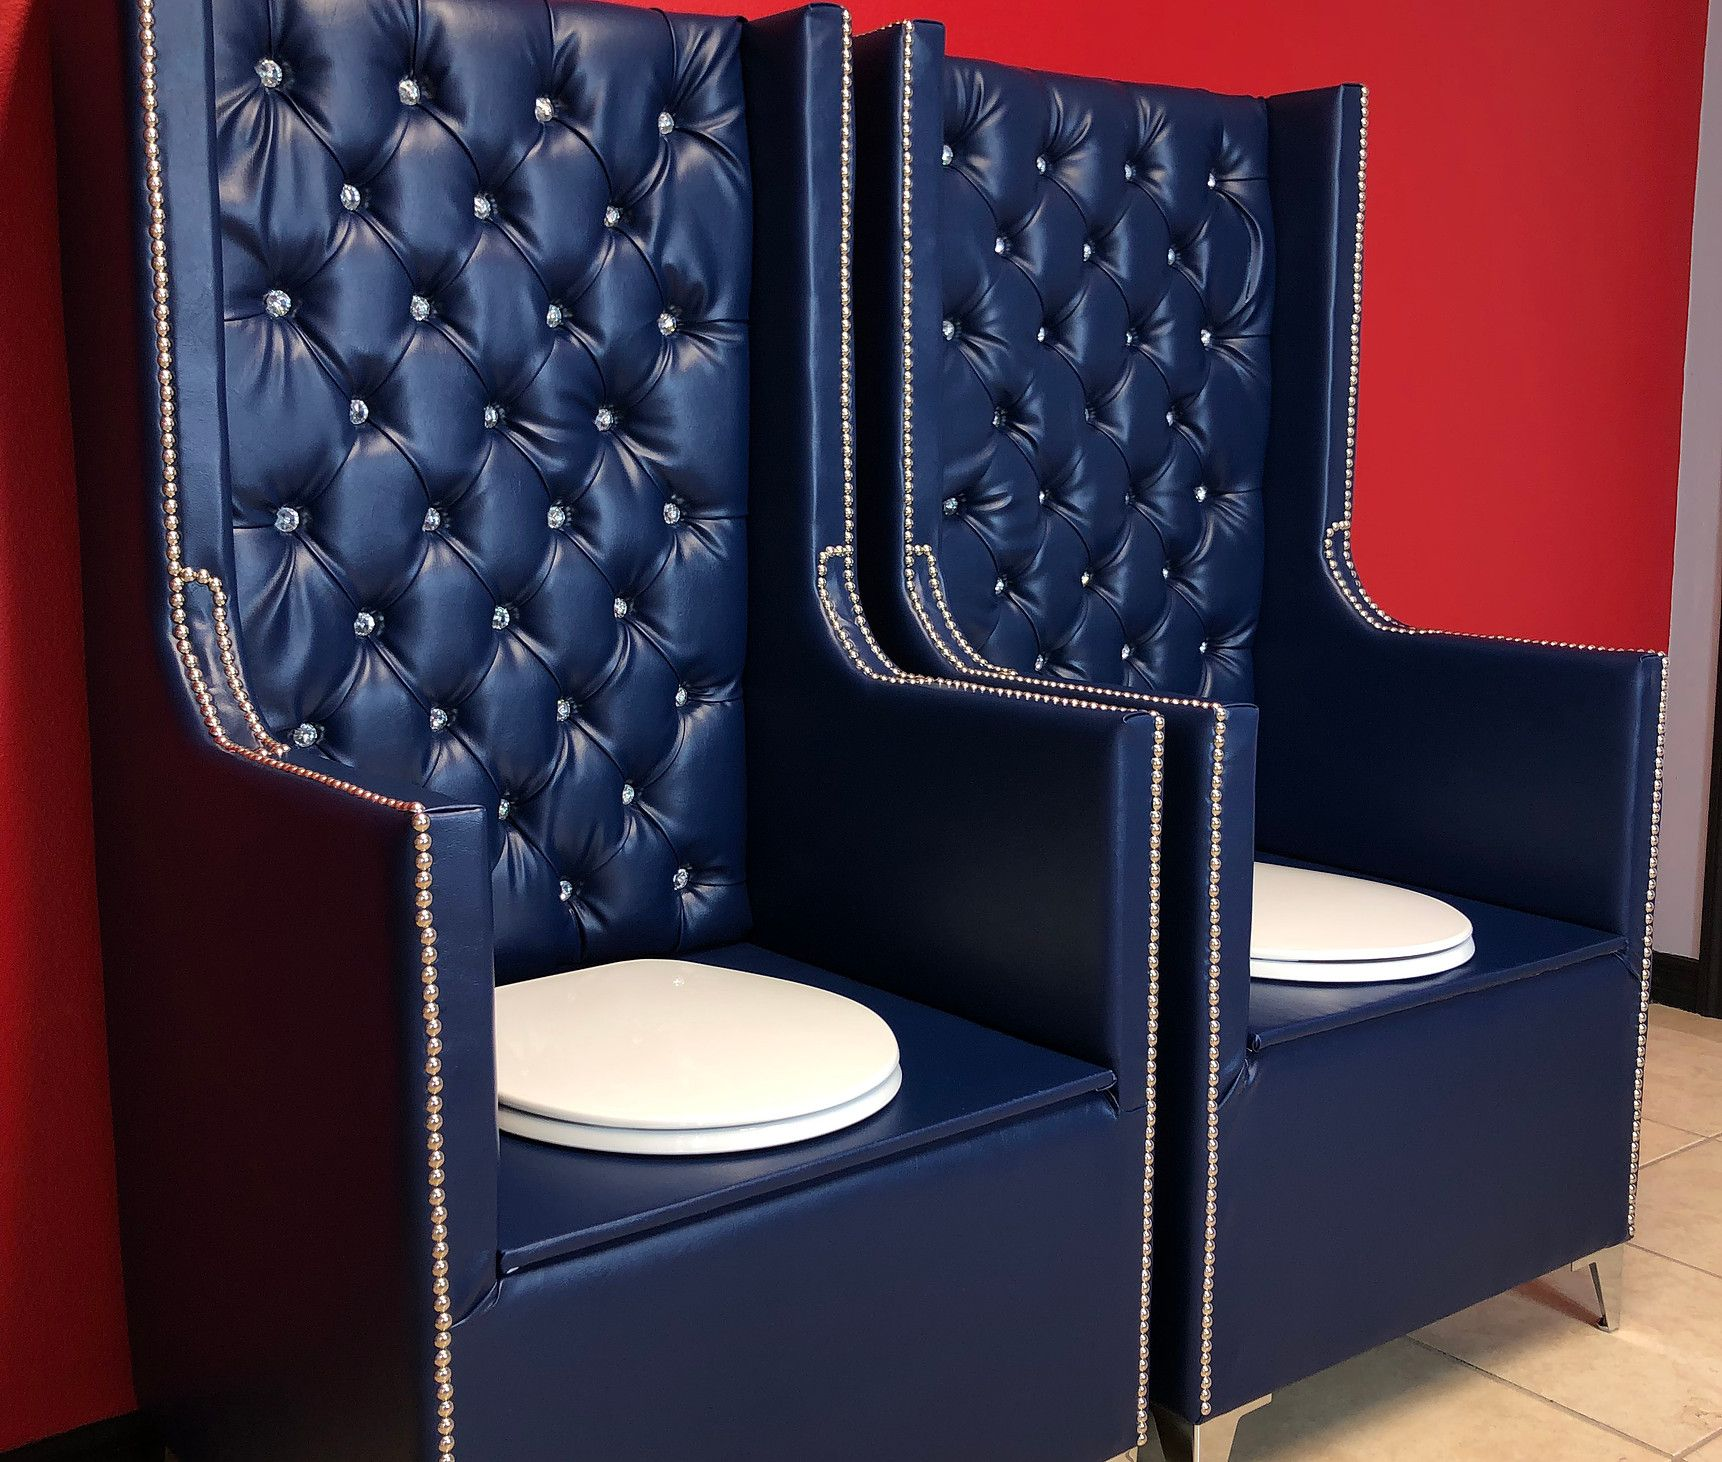 Yoni Steamer majesticinteriorsco Furniture, Interior